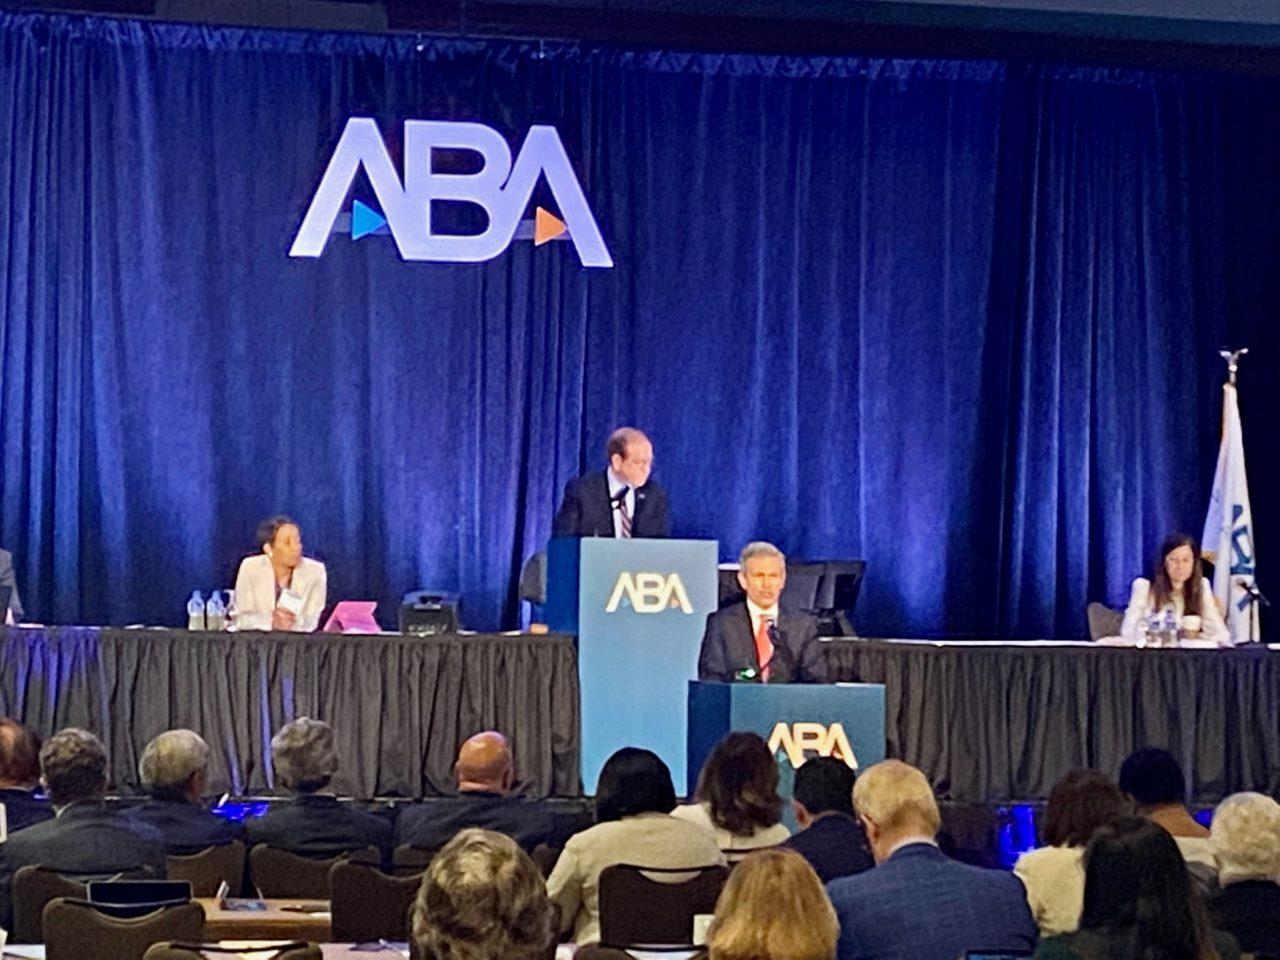 Hank Presenting at ABA